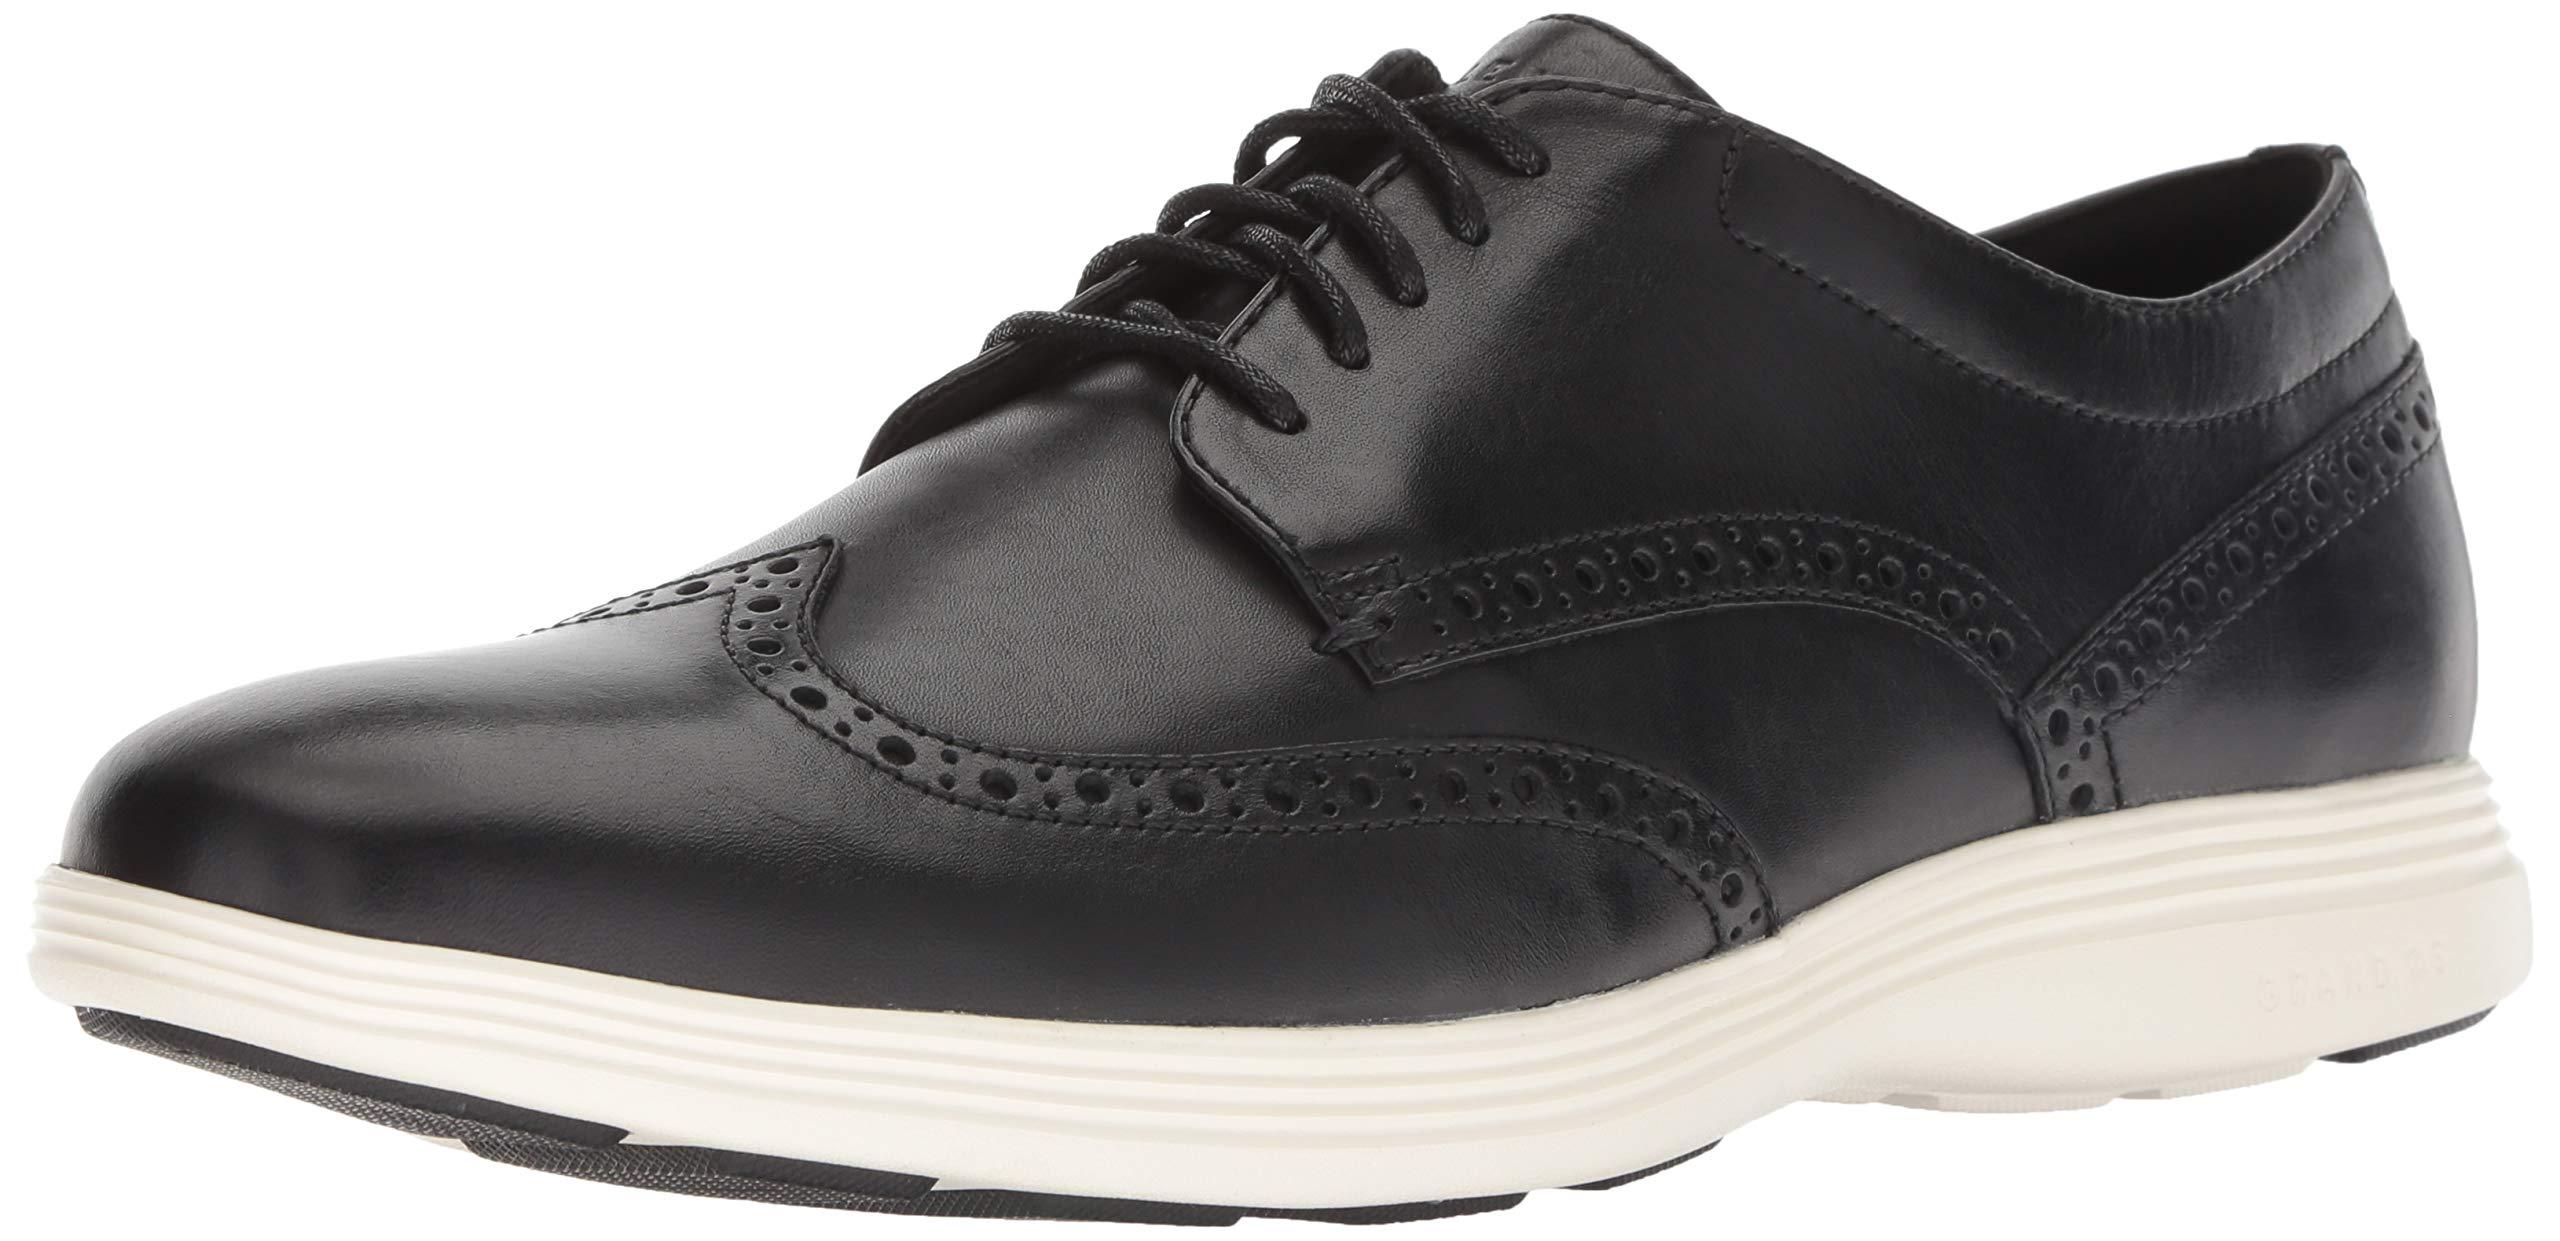 Cole Haan Men's Grand Crosscourt II Sneaker, Black, 8.5 M US